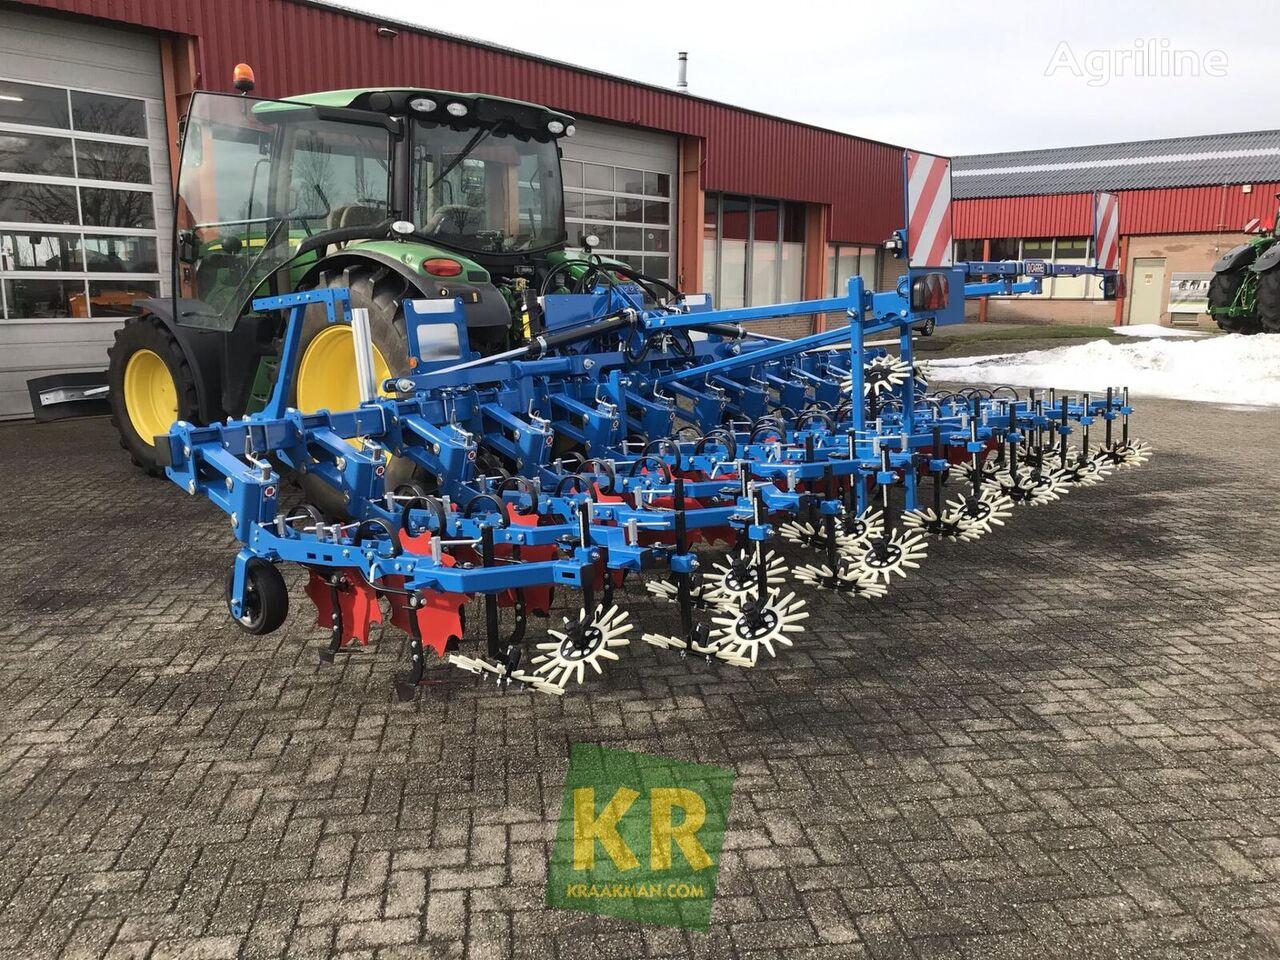 Carre Econet SGI12R50 Schoffelmachine cultivador de rastrojo nuevo